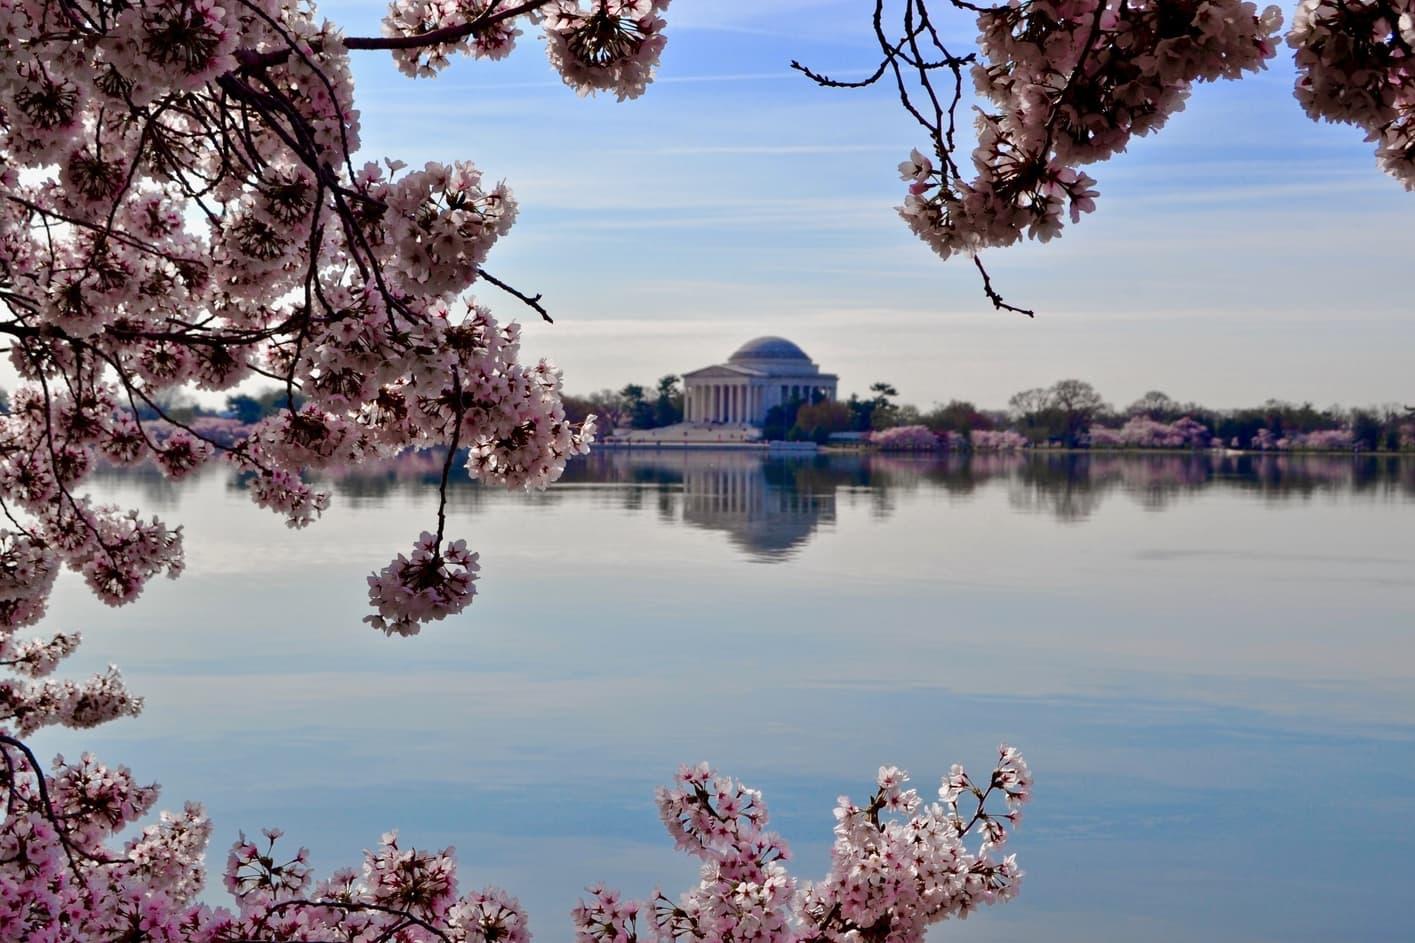 Monumento a Thomas Jefferson, que ver en Washington D.C.